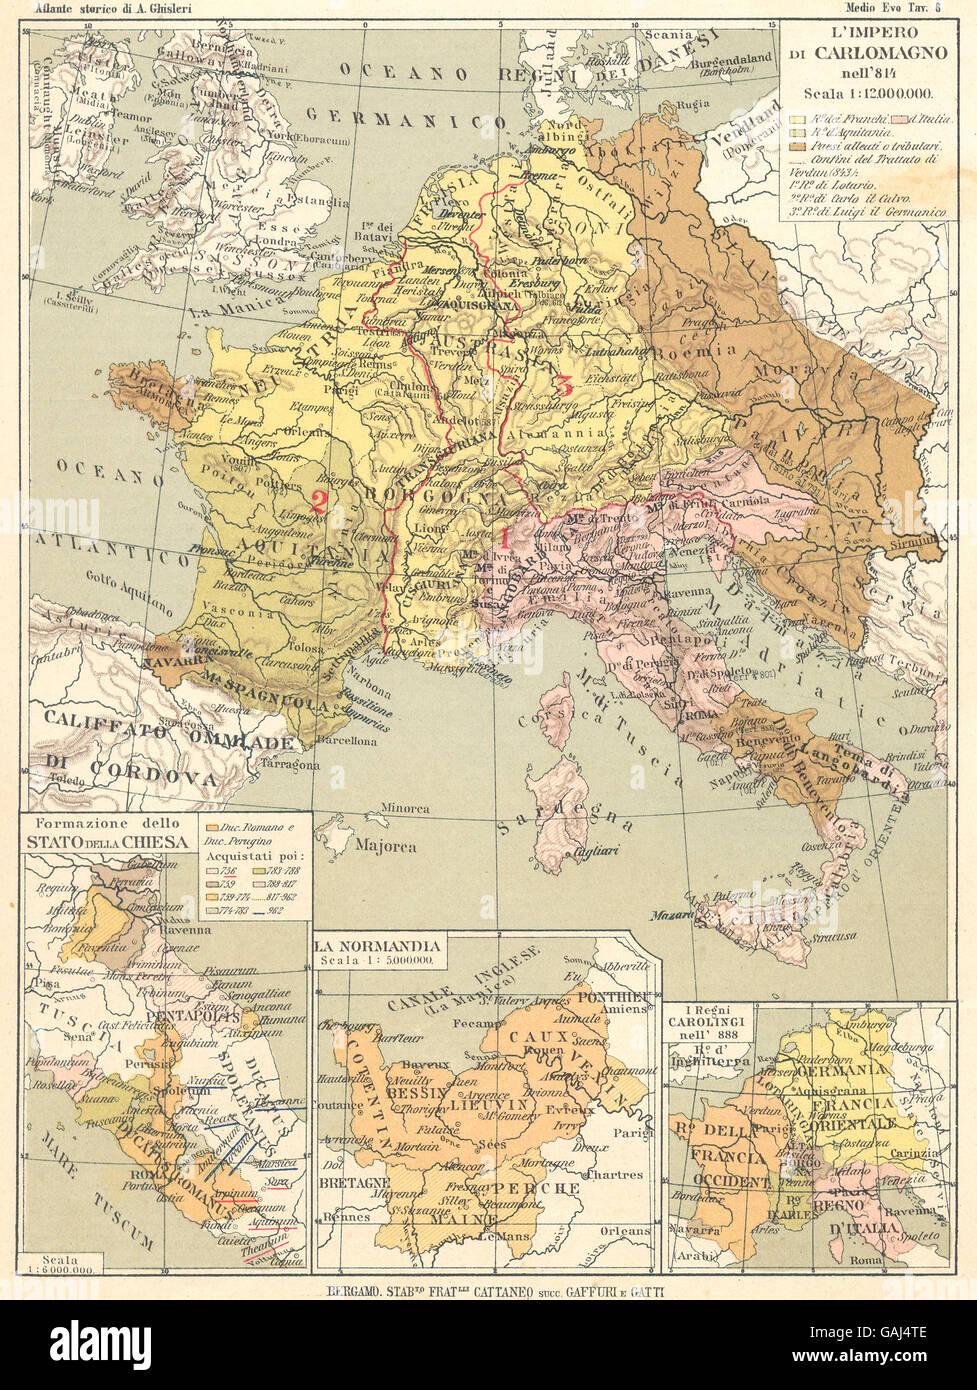 IMPERO DI CARLOMAGNO: 814 Stato Della Chiesa; Normandia; Carolingi 888, 1889 map - Stock Image